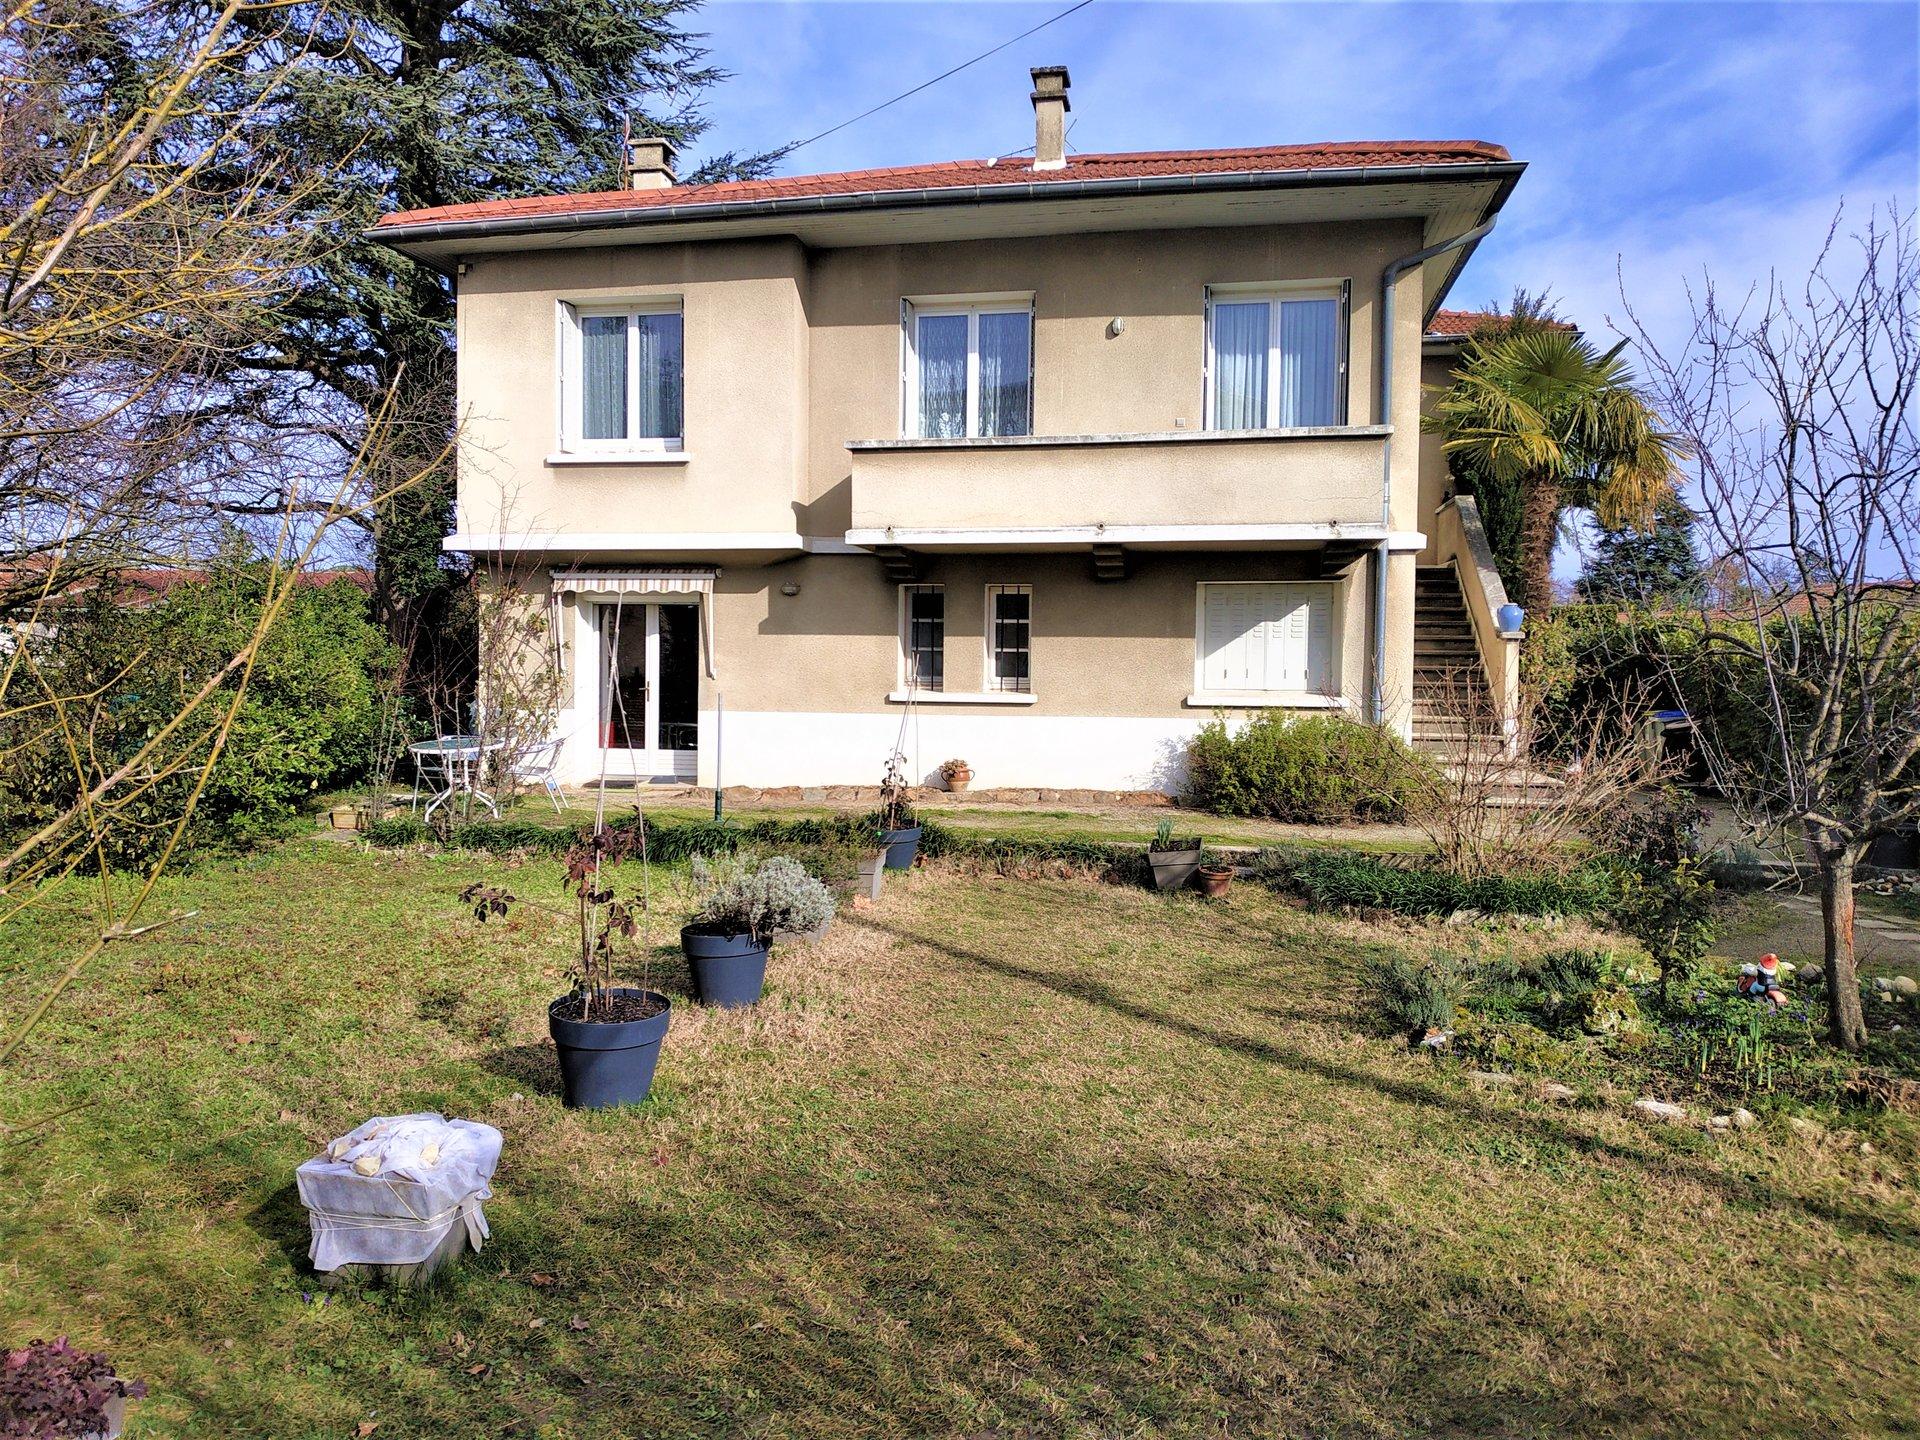 Maison 150 M2 Quartier résidentiel